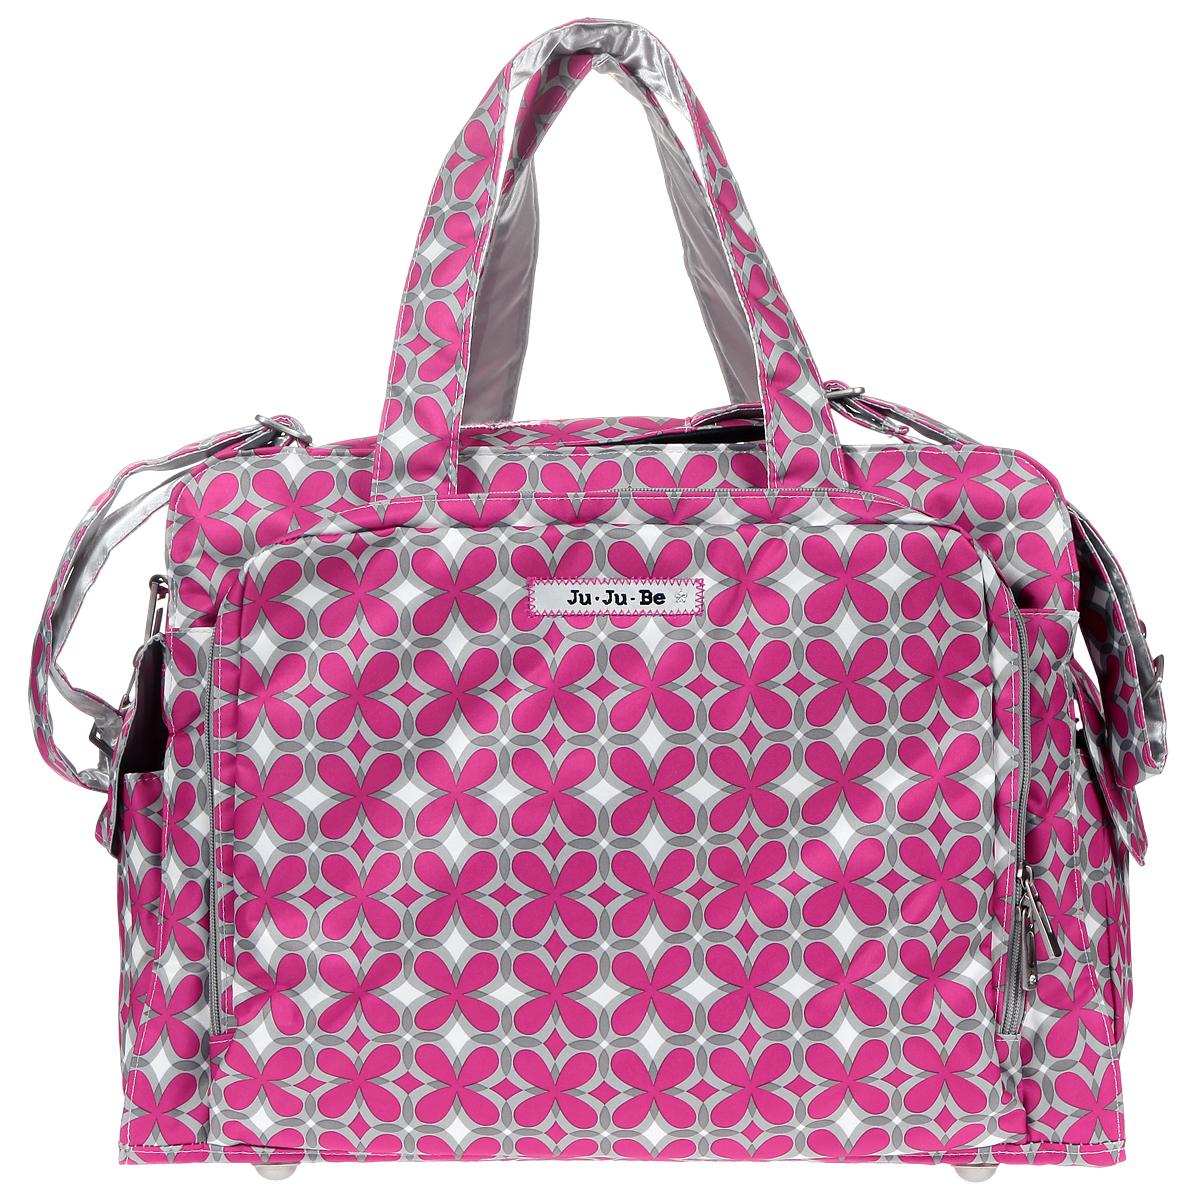 Дорожная сумка для мамы Ju-Ju-Be Be Prepared. Pink Pinwheels, цвет: розовый, серый, белый сумка для мамы ju ju be hobobe pink pinwheels 12hb01a 8737